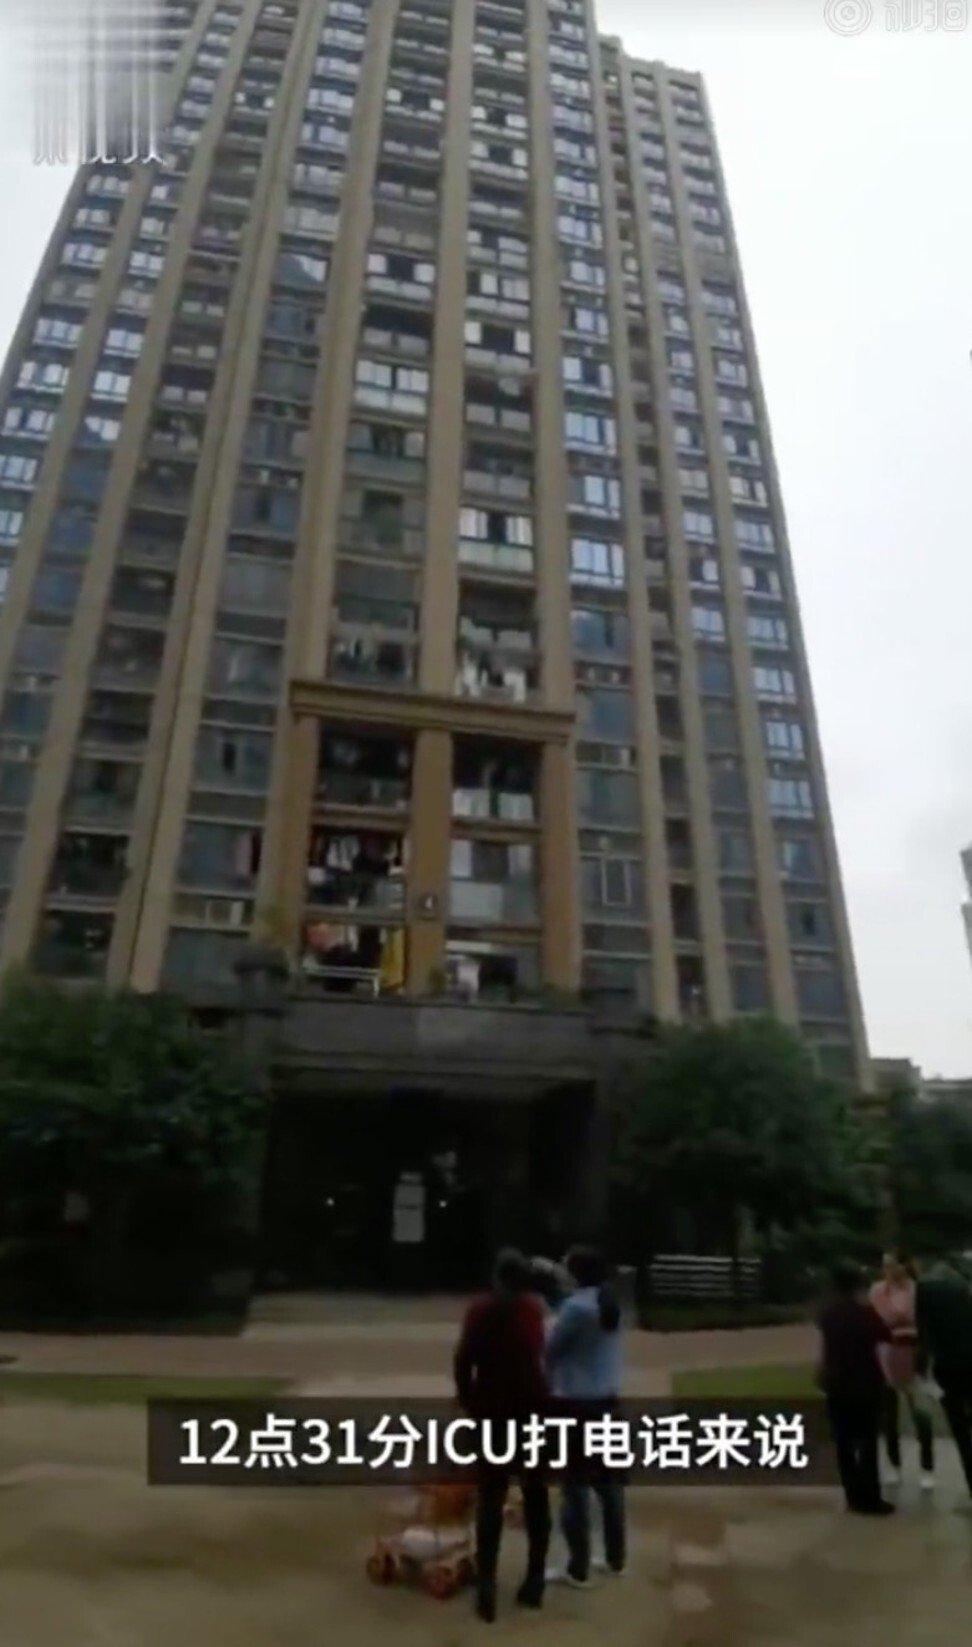 Bị người tình xúi giục, ông bố ném 2 con ra ngoài cửa sổ chung cư